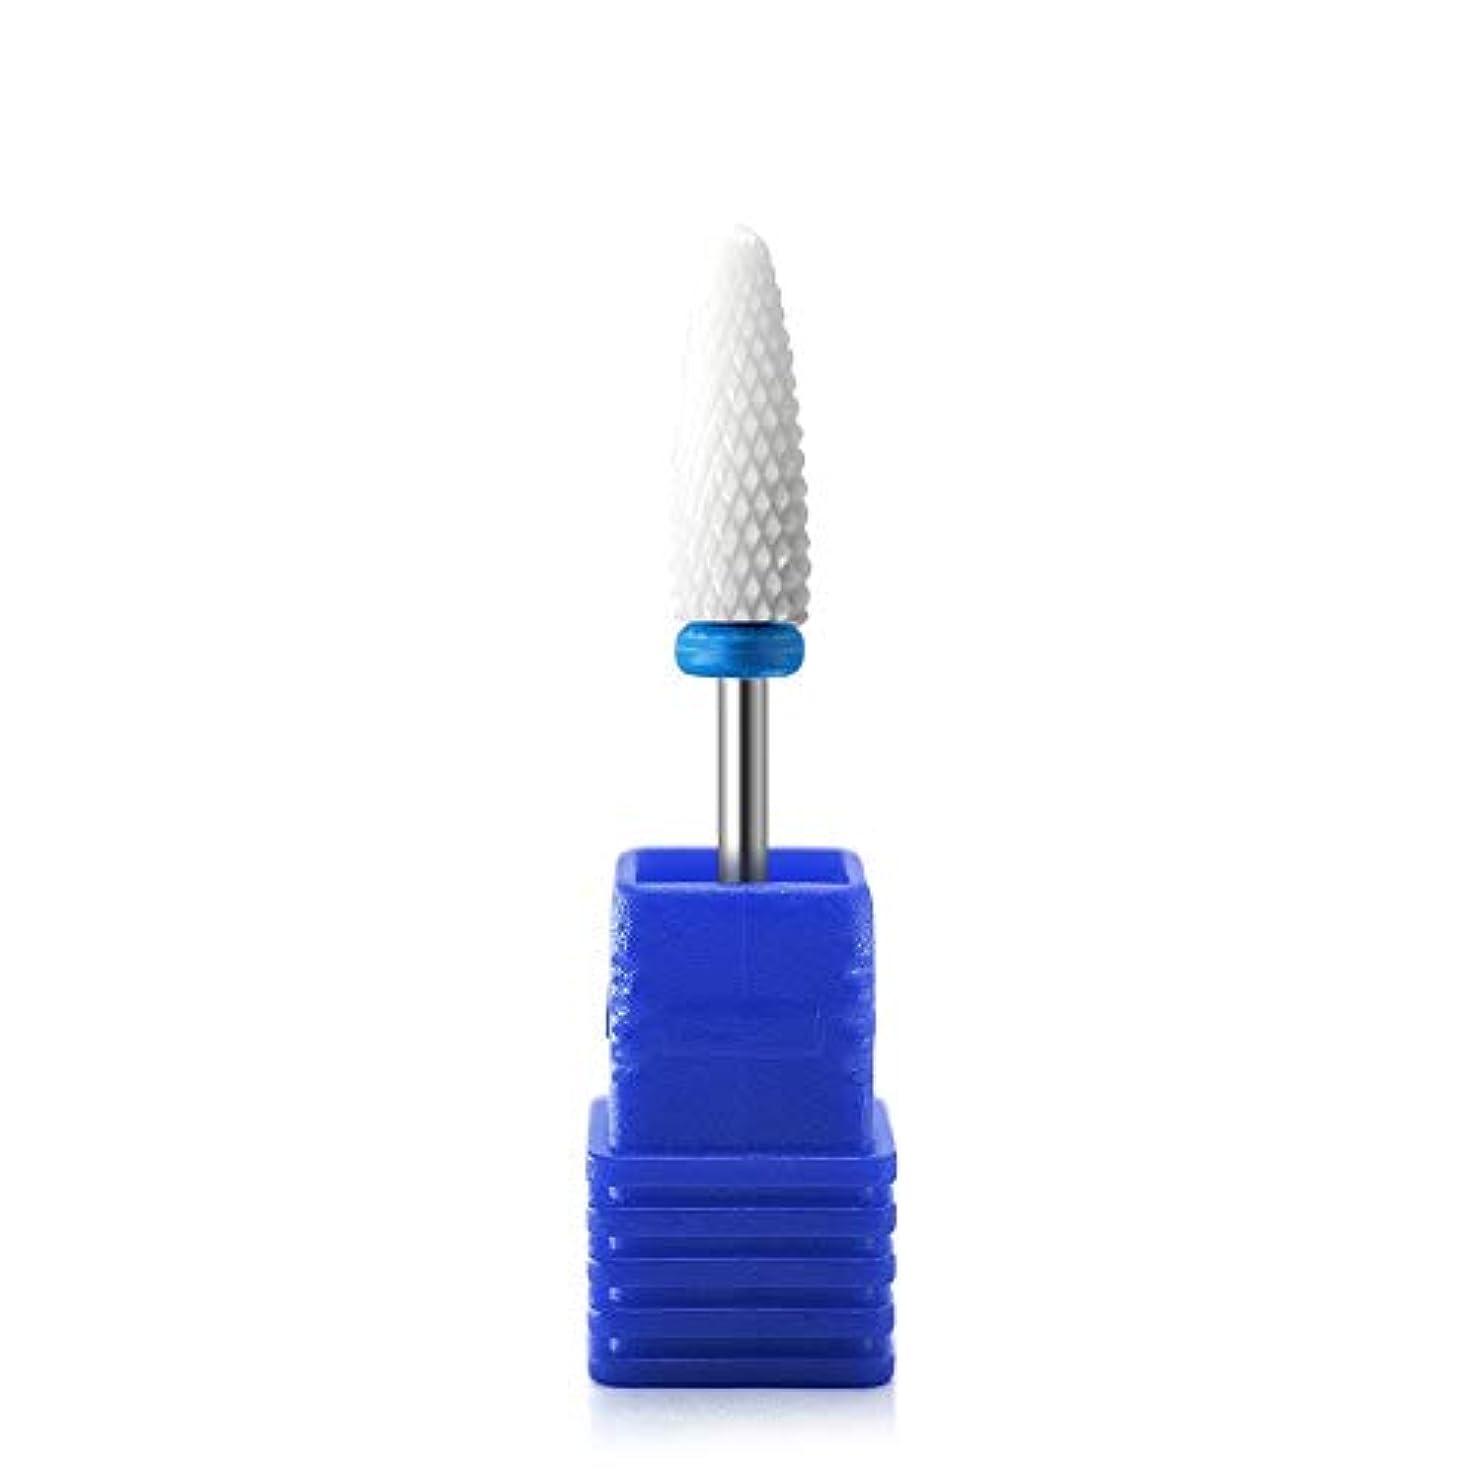 上に築きます高い高度なKADS 陶磁器ネイルドリルビット ネイルドリルマシンビット 研削ネイル 研削工具 ドリルビット ネイルアートファイル 耐摩耗性 耐腐食性 高硬度 (E00057-M)